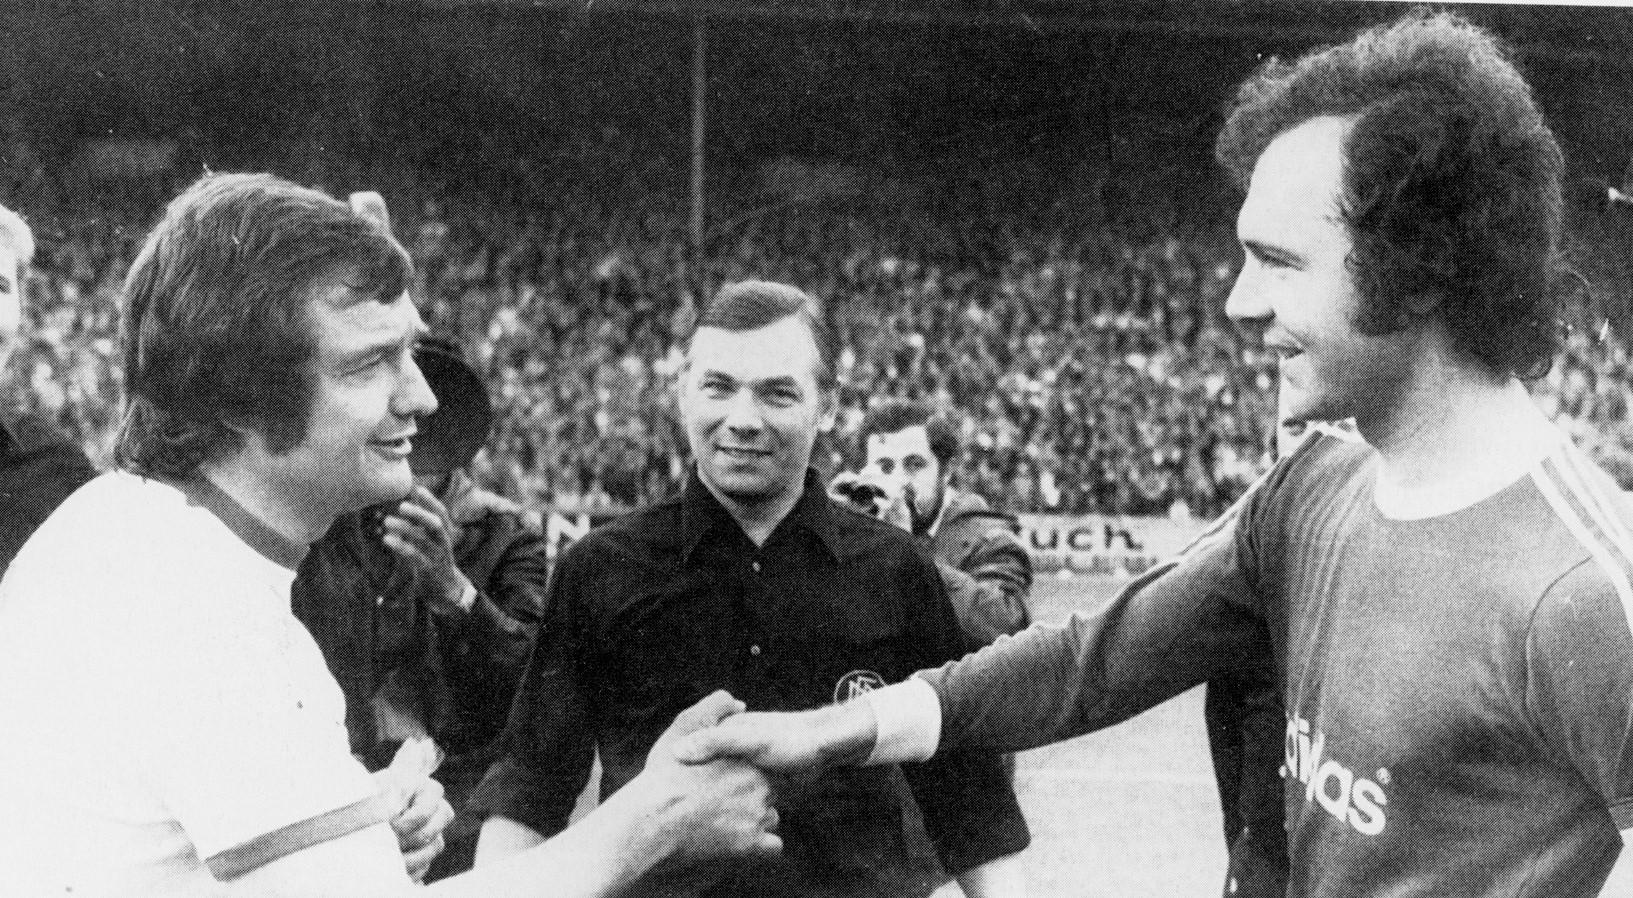 Willi Lippens bei einer Begrüßung zur Platzwahl mit Bayern-Kapitän Franz Beckenbauer, für den er nach dem Spiel in München tröstende Worte hatte.